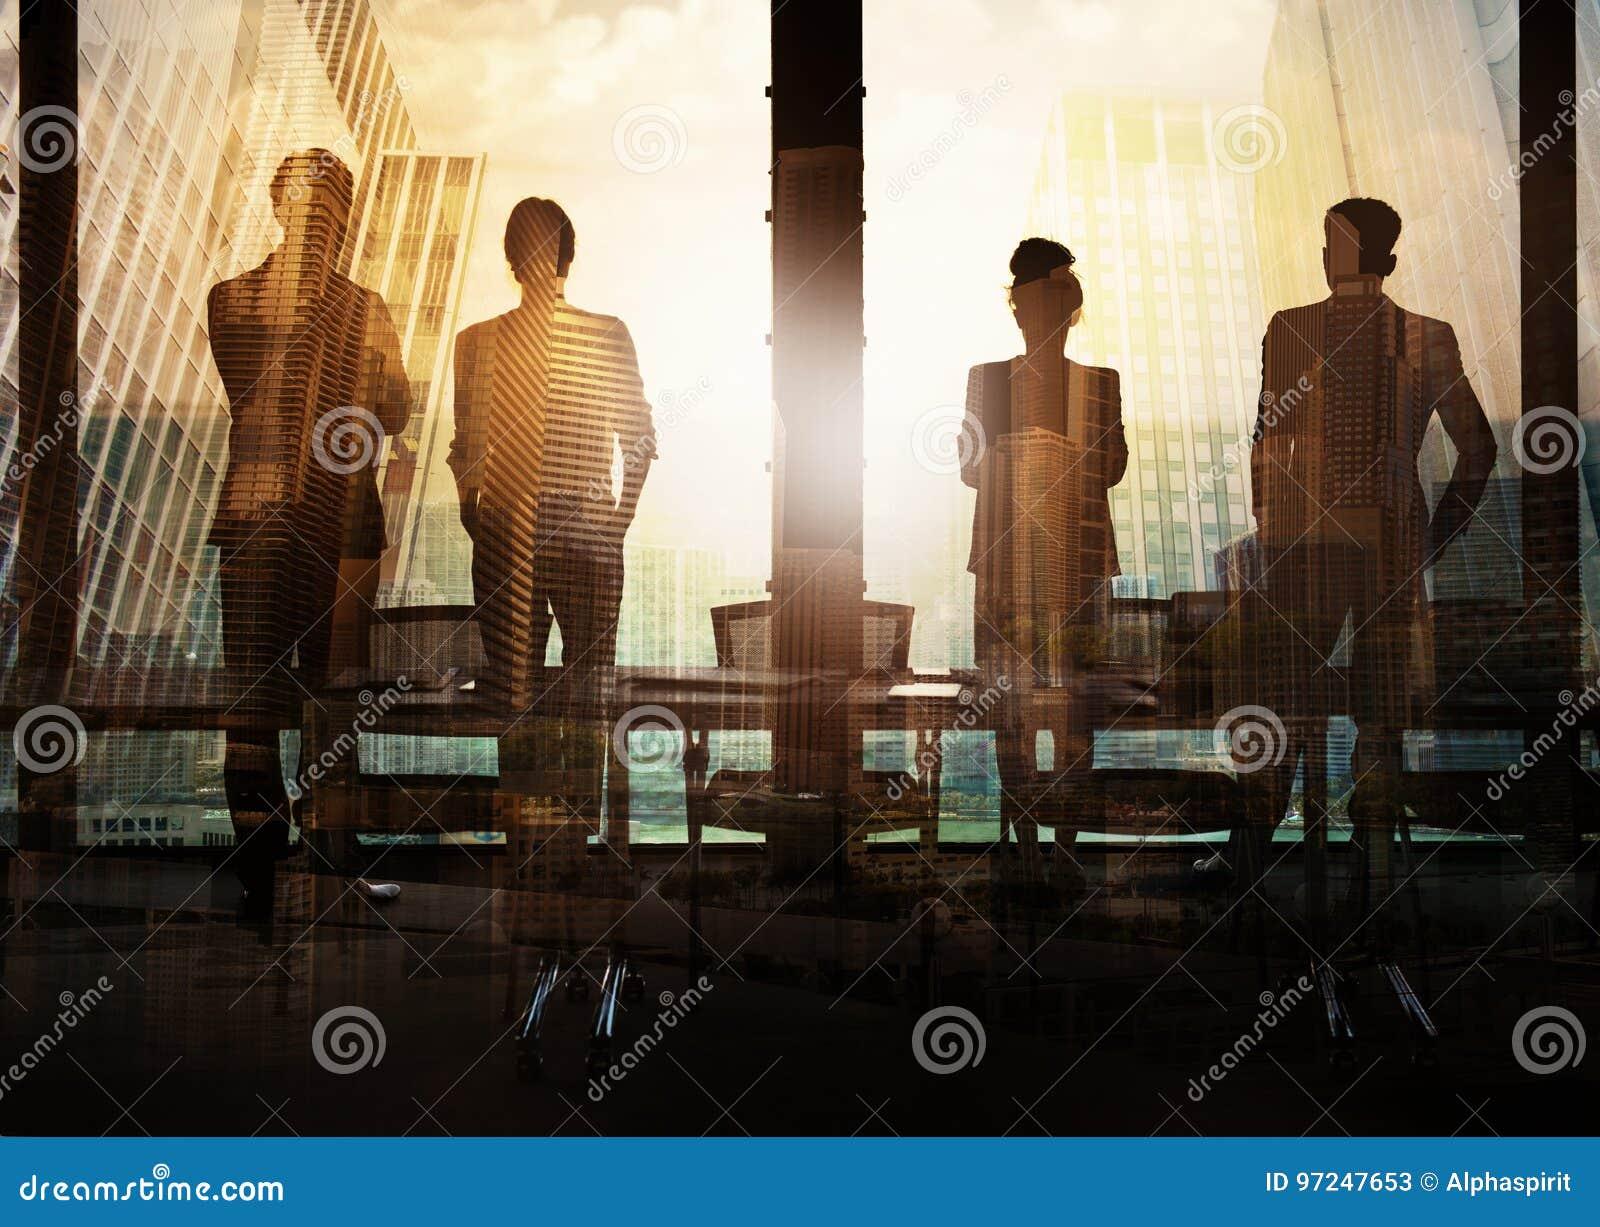 Grupo de socio comercial que busca el futuro Concepto de corporativo y de lanzamiento